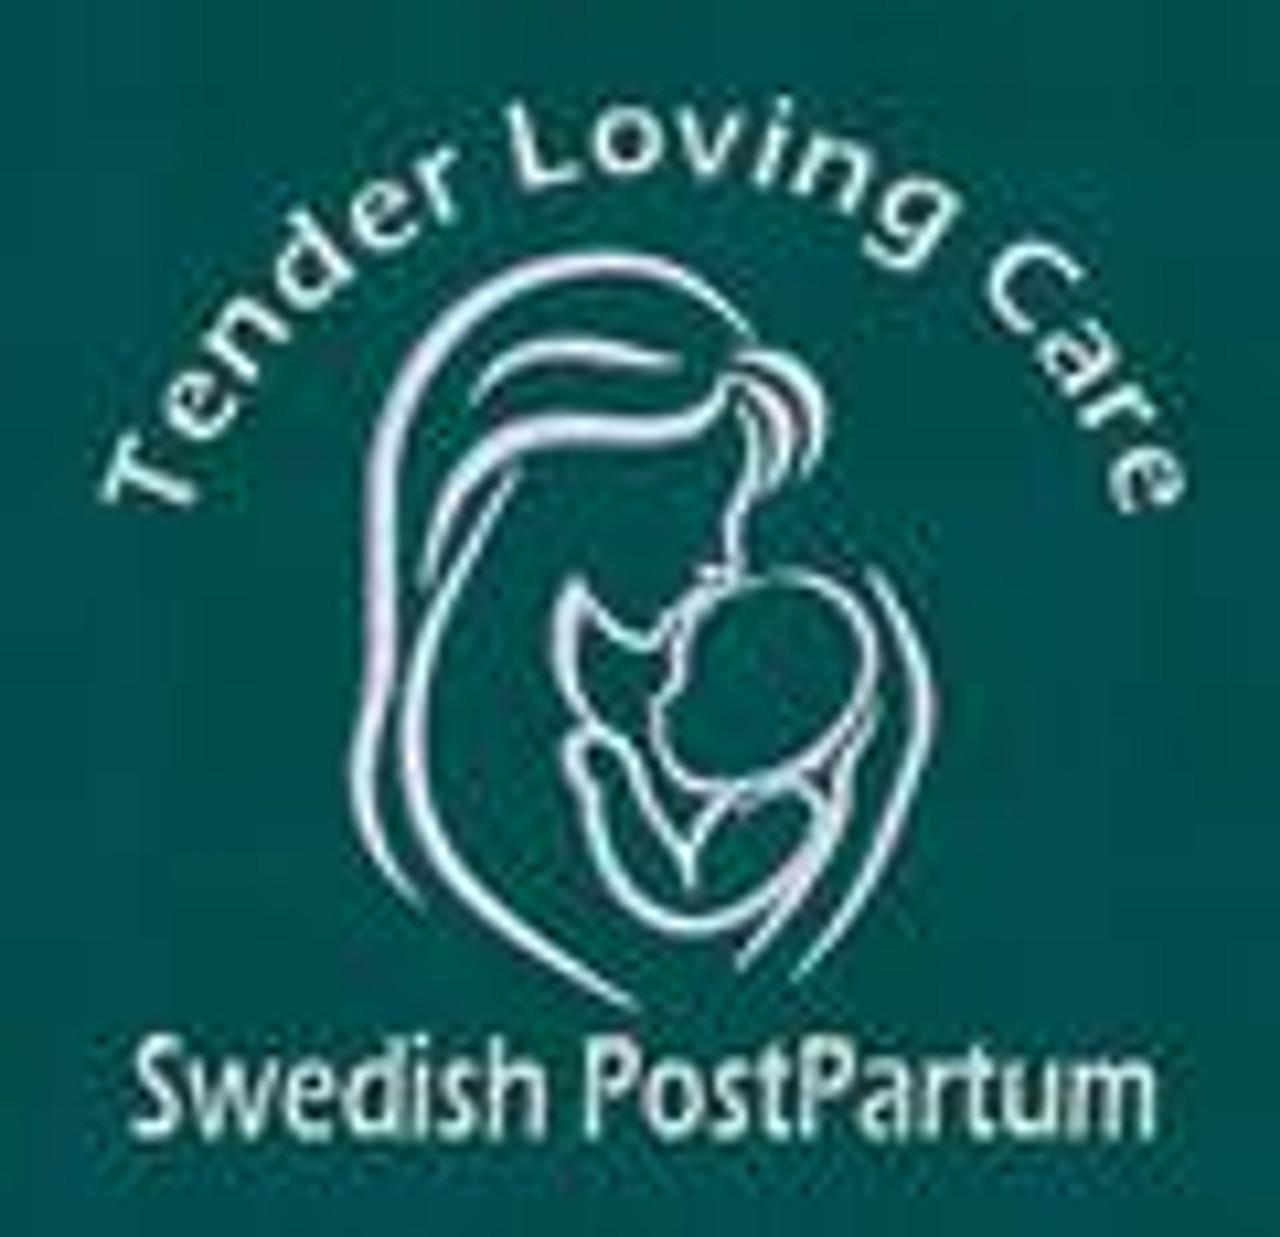 Swedish Post Partum